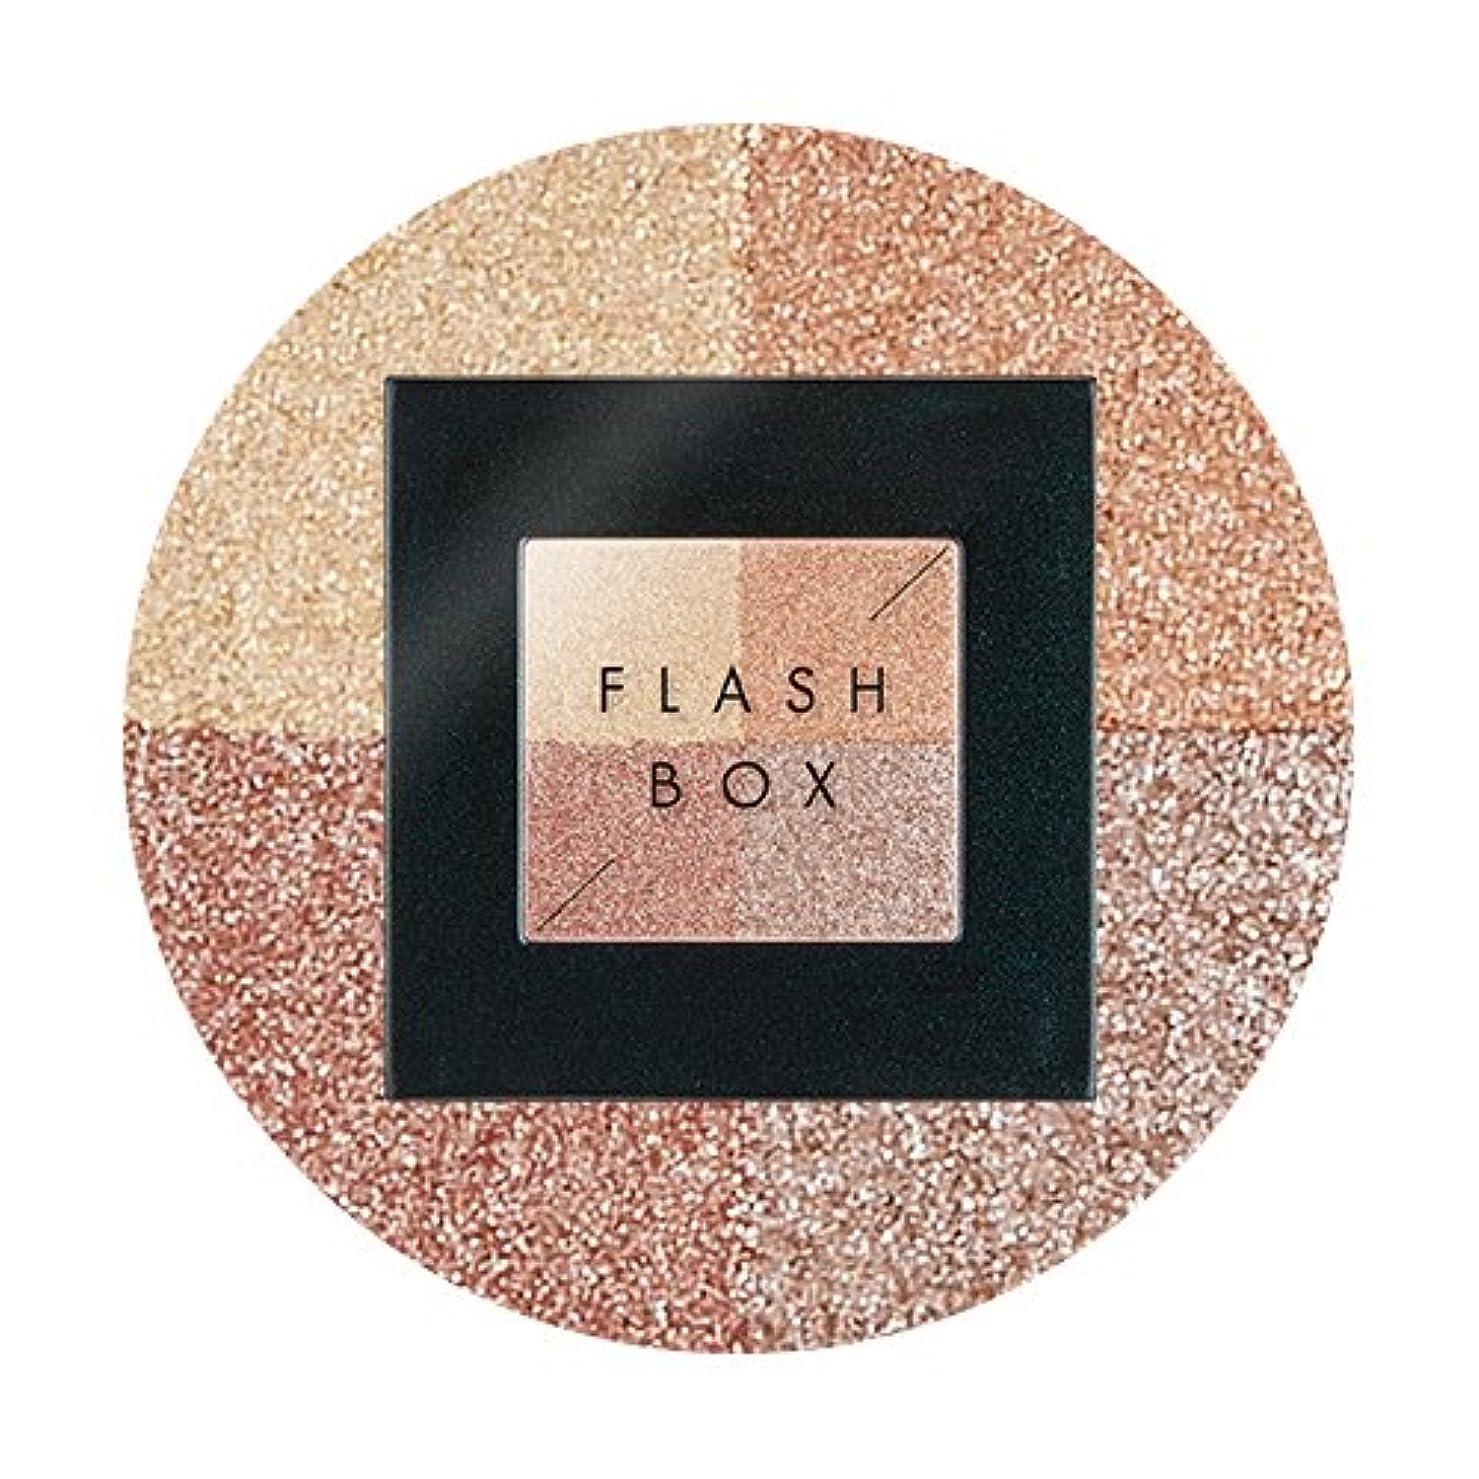 塊一晩ピックAPIEU Flash Box (#2 Lustering Time) / [アピュ/オピュ] フラッシュボックス [並行輸入品]